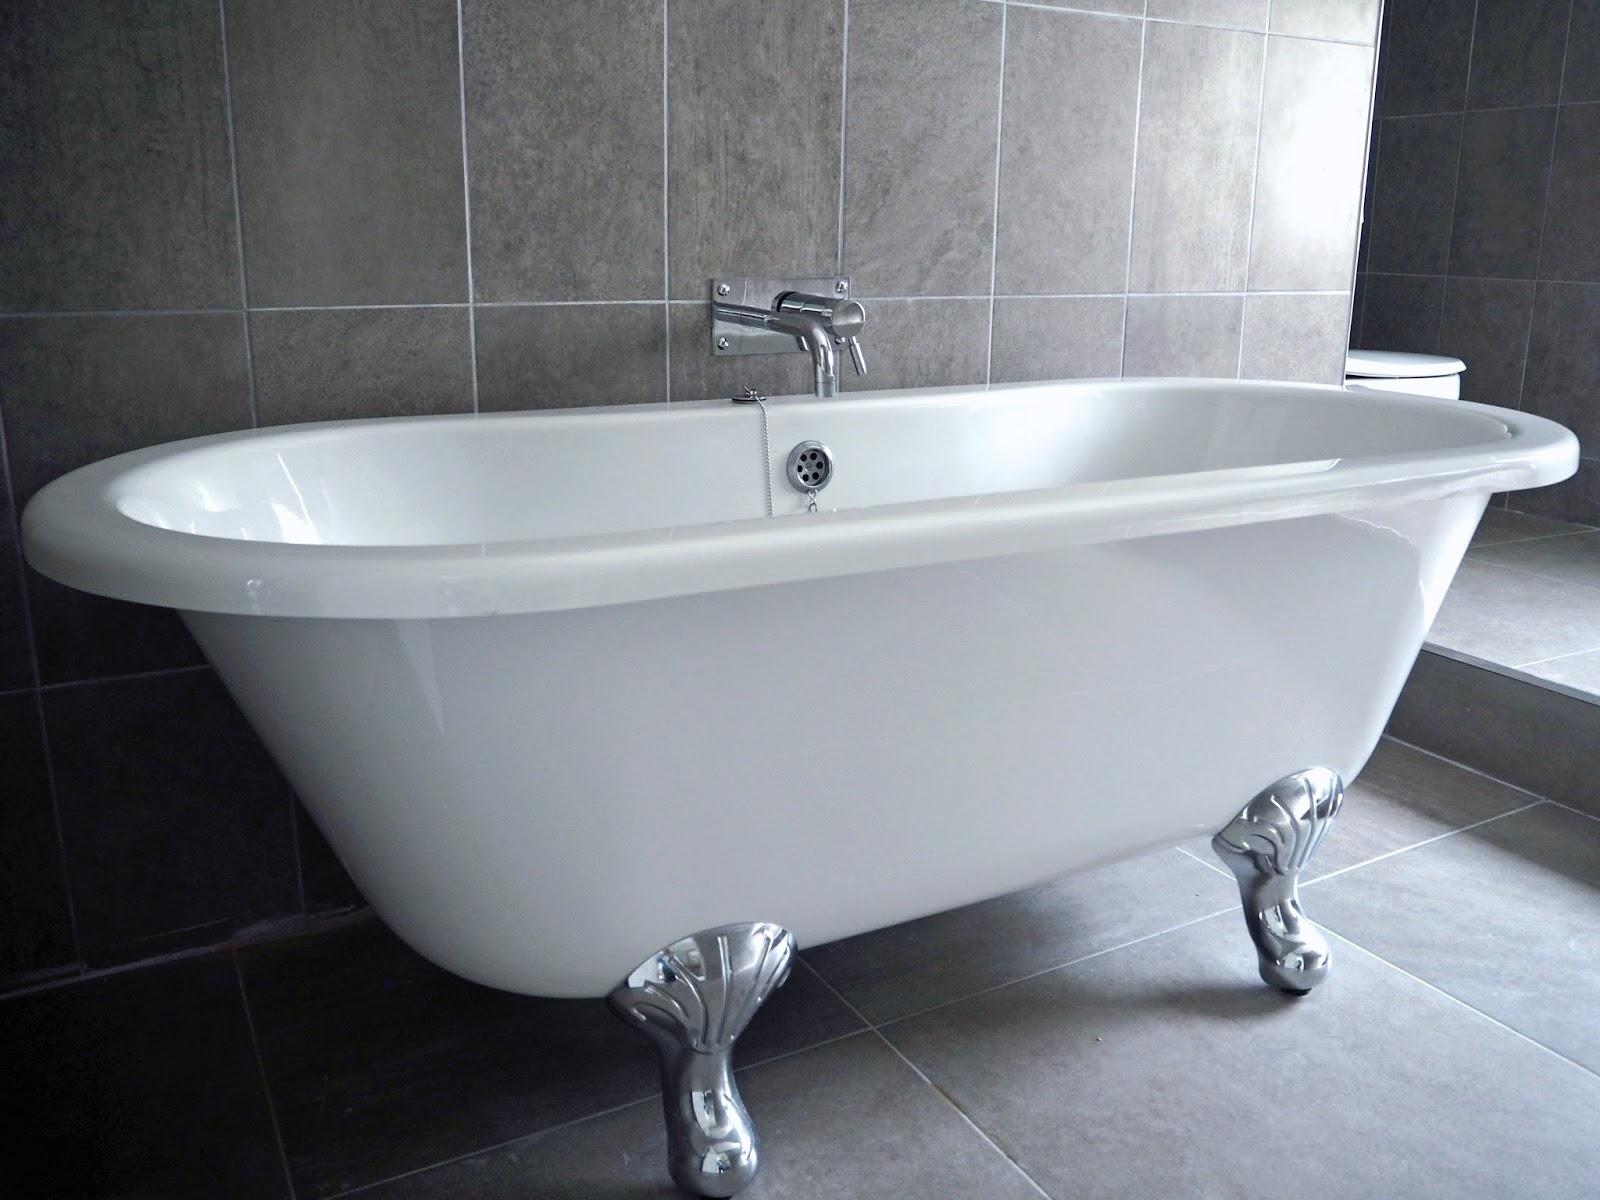 Rolltop bath in suite room 51, Stirk House, Gisburn